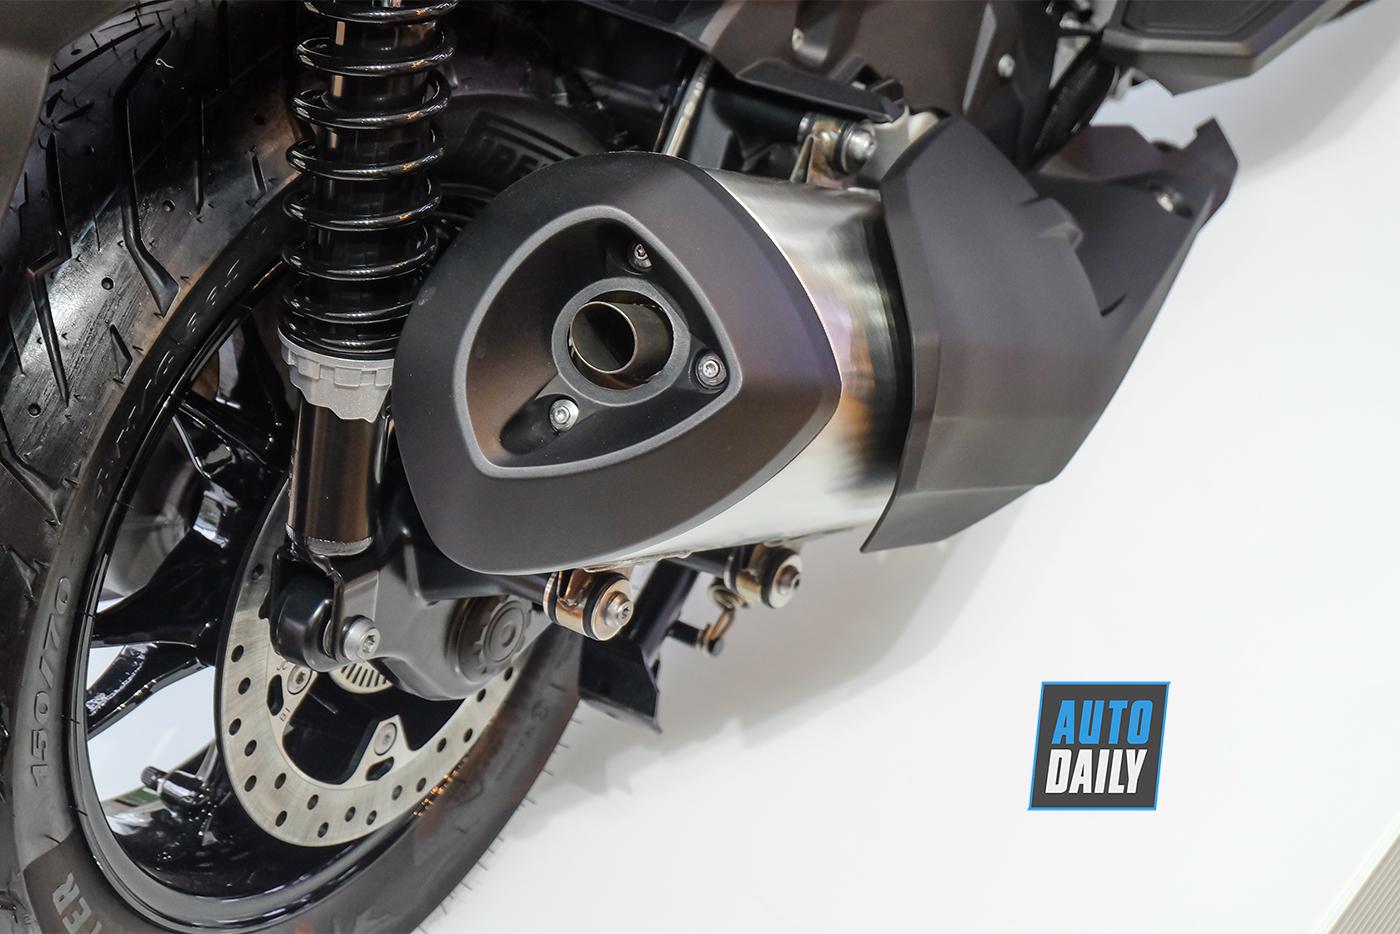 bmw-motorrad-c400gt-9.jpg